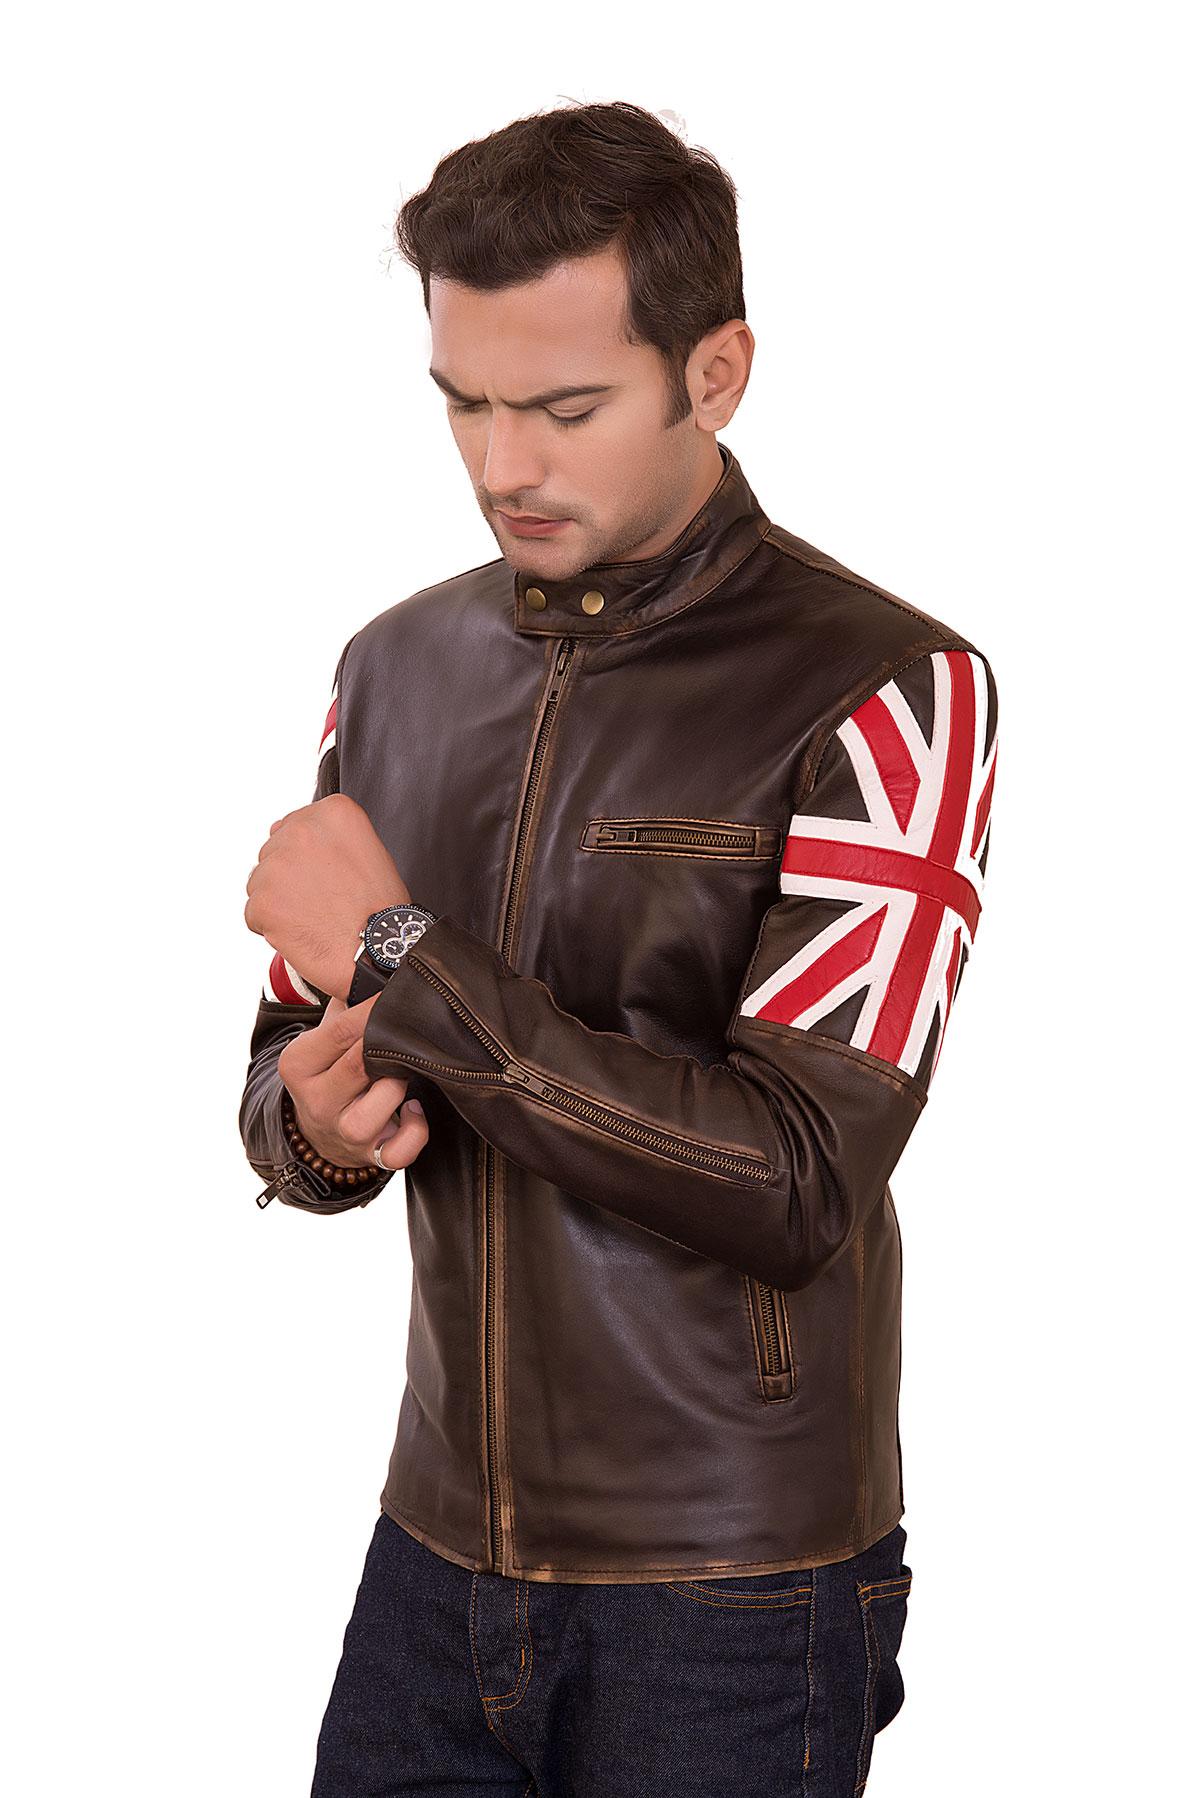 motorcycle racing leather jacket